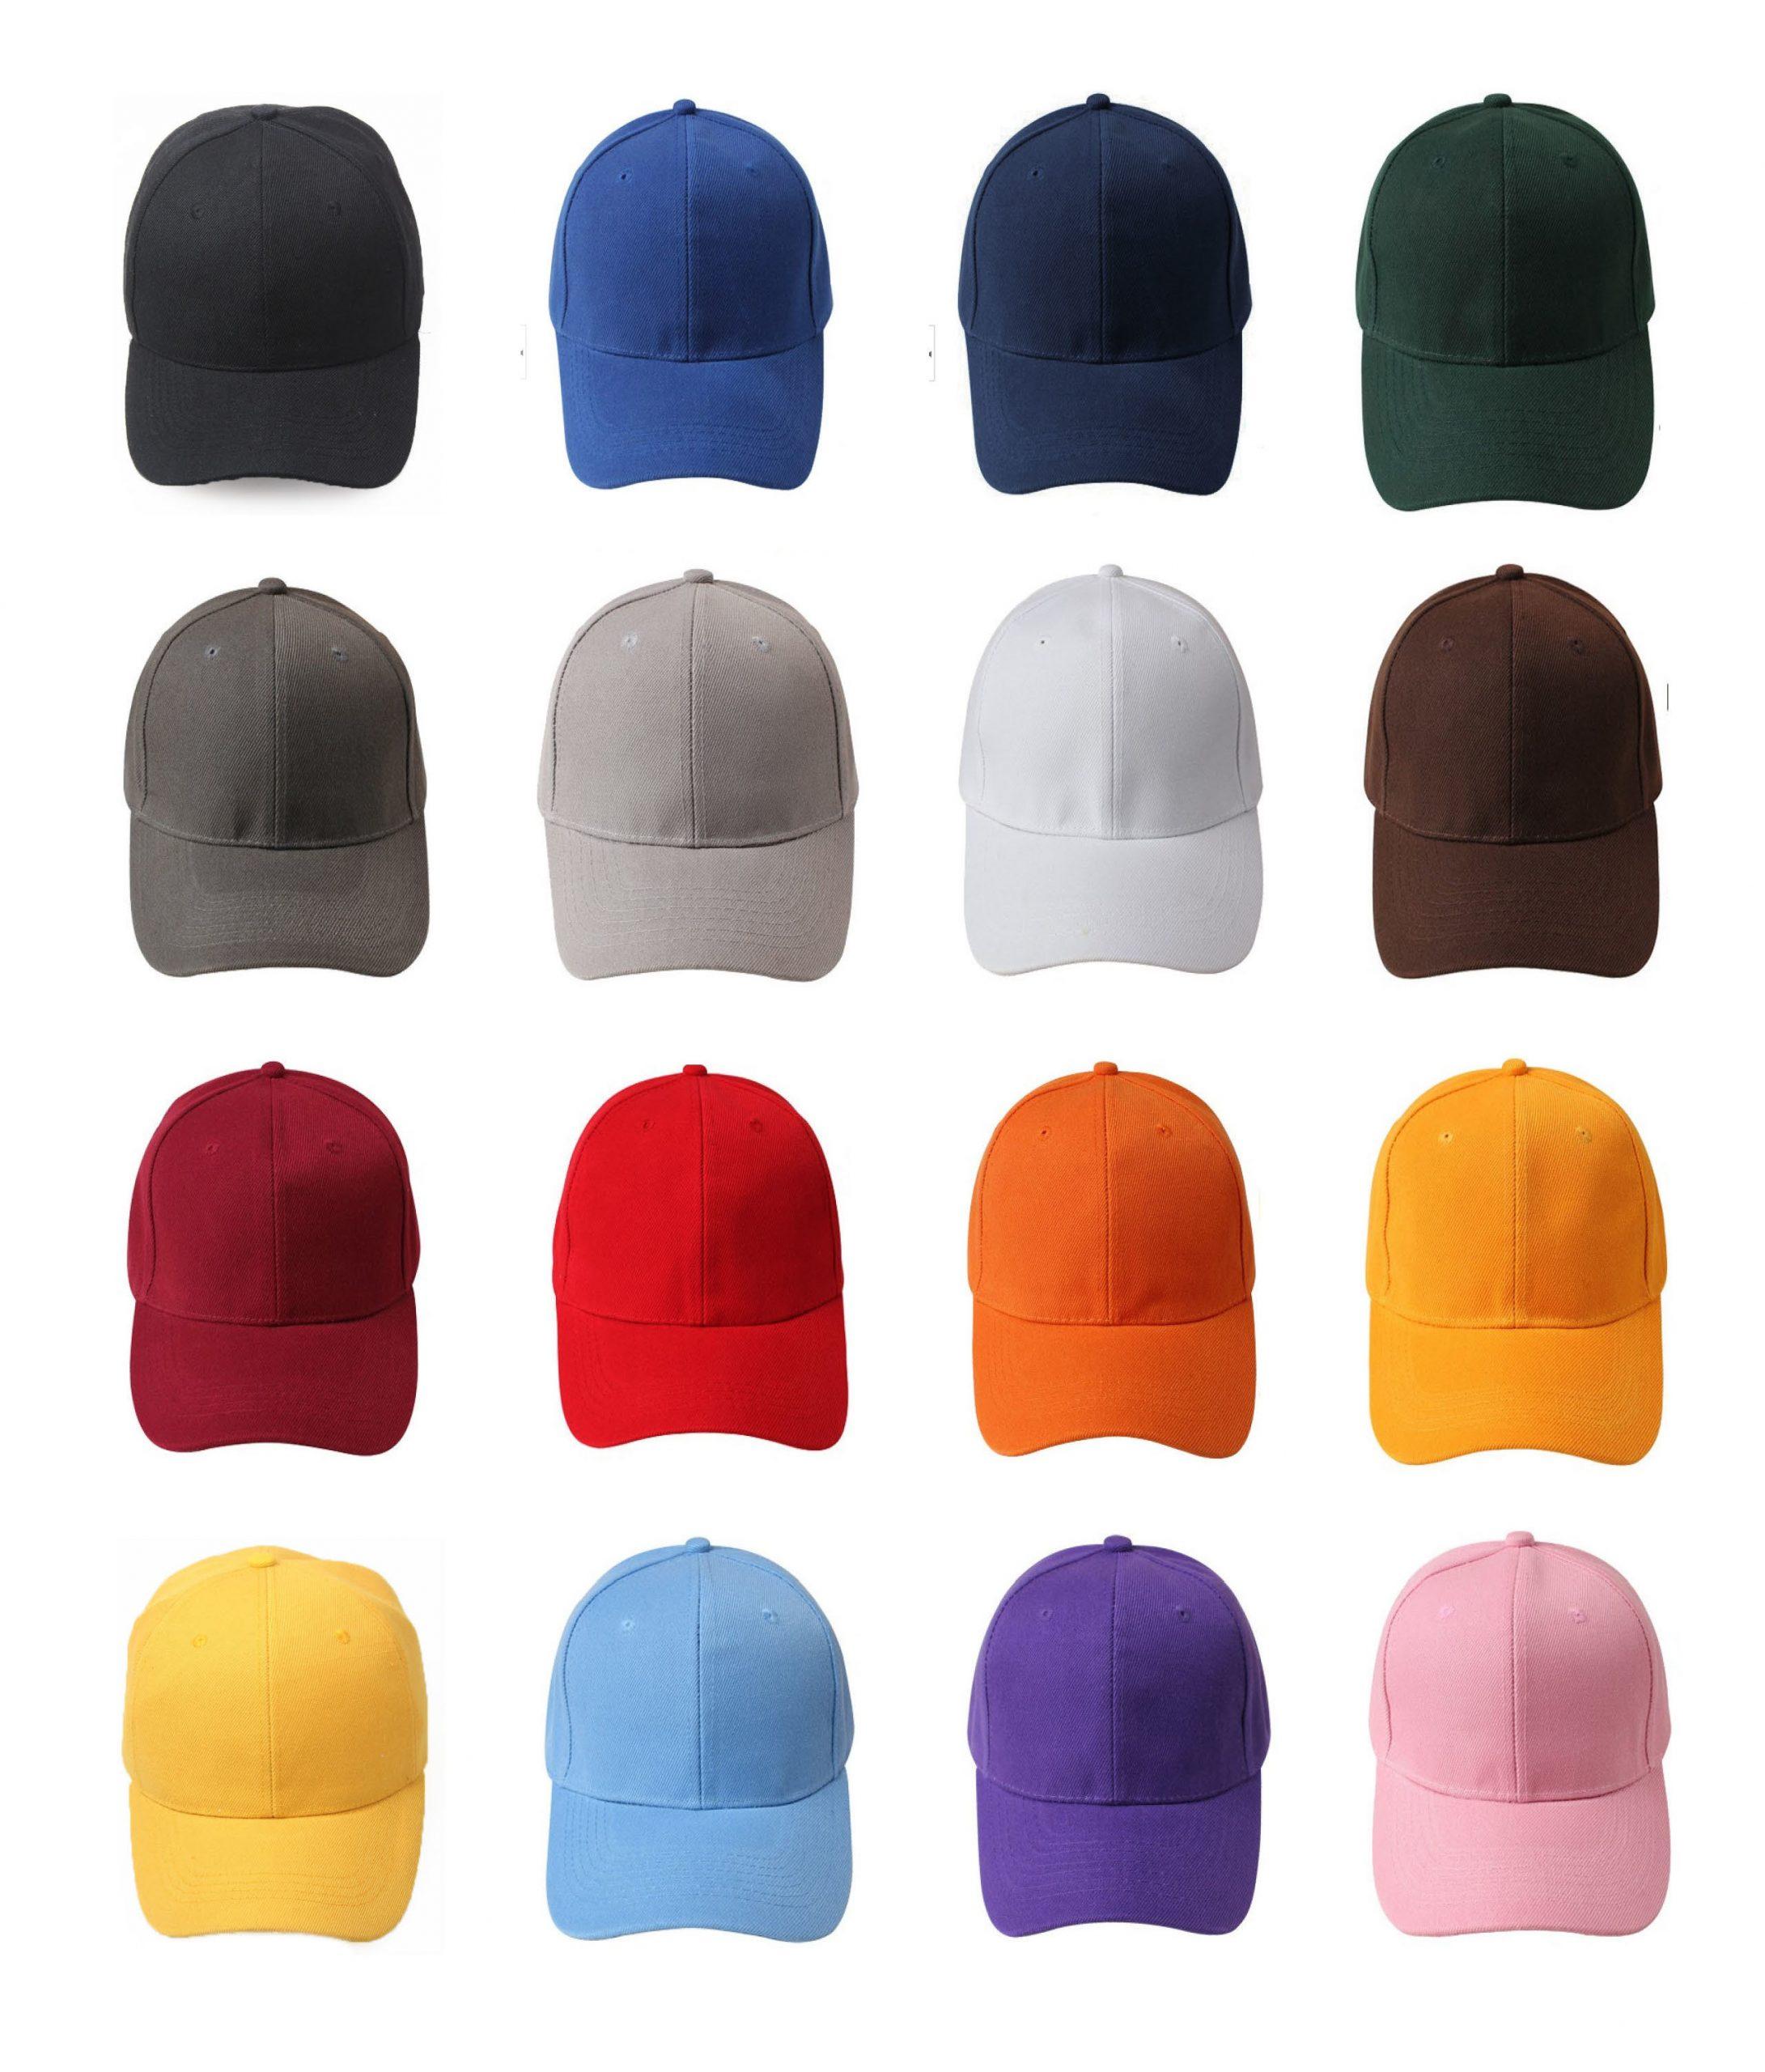 cotton cap printing